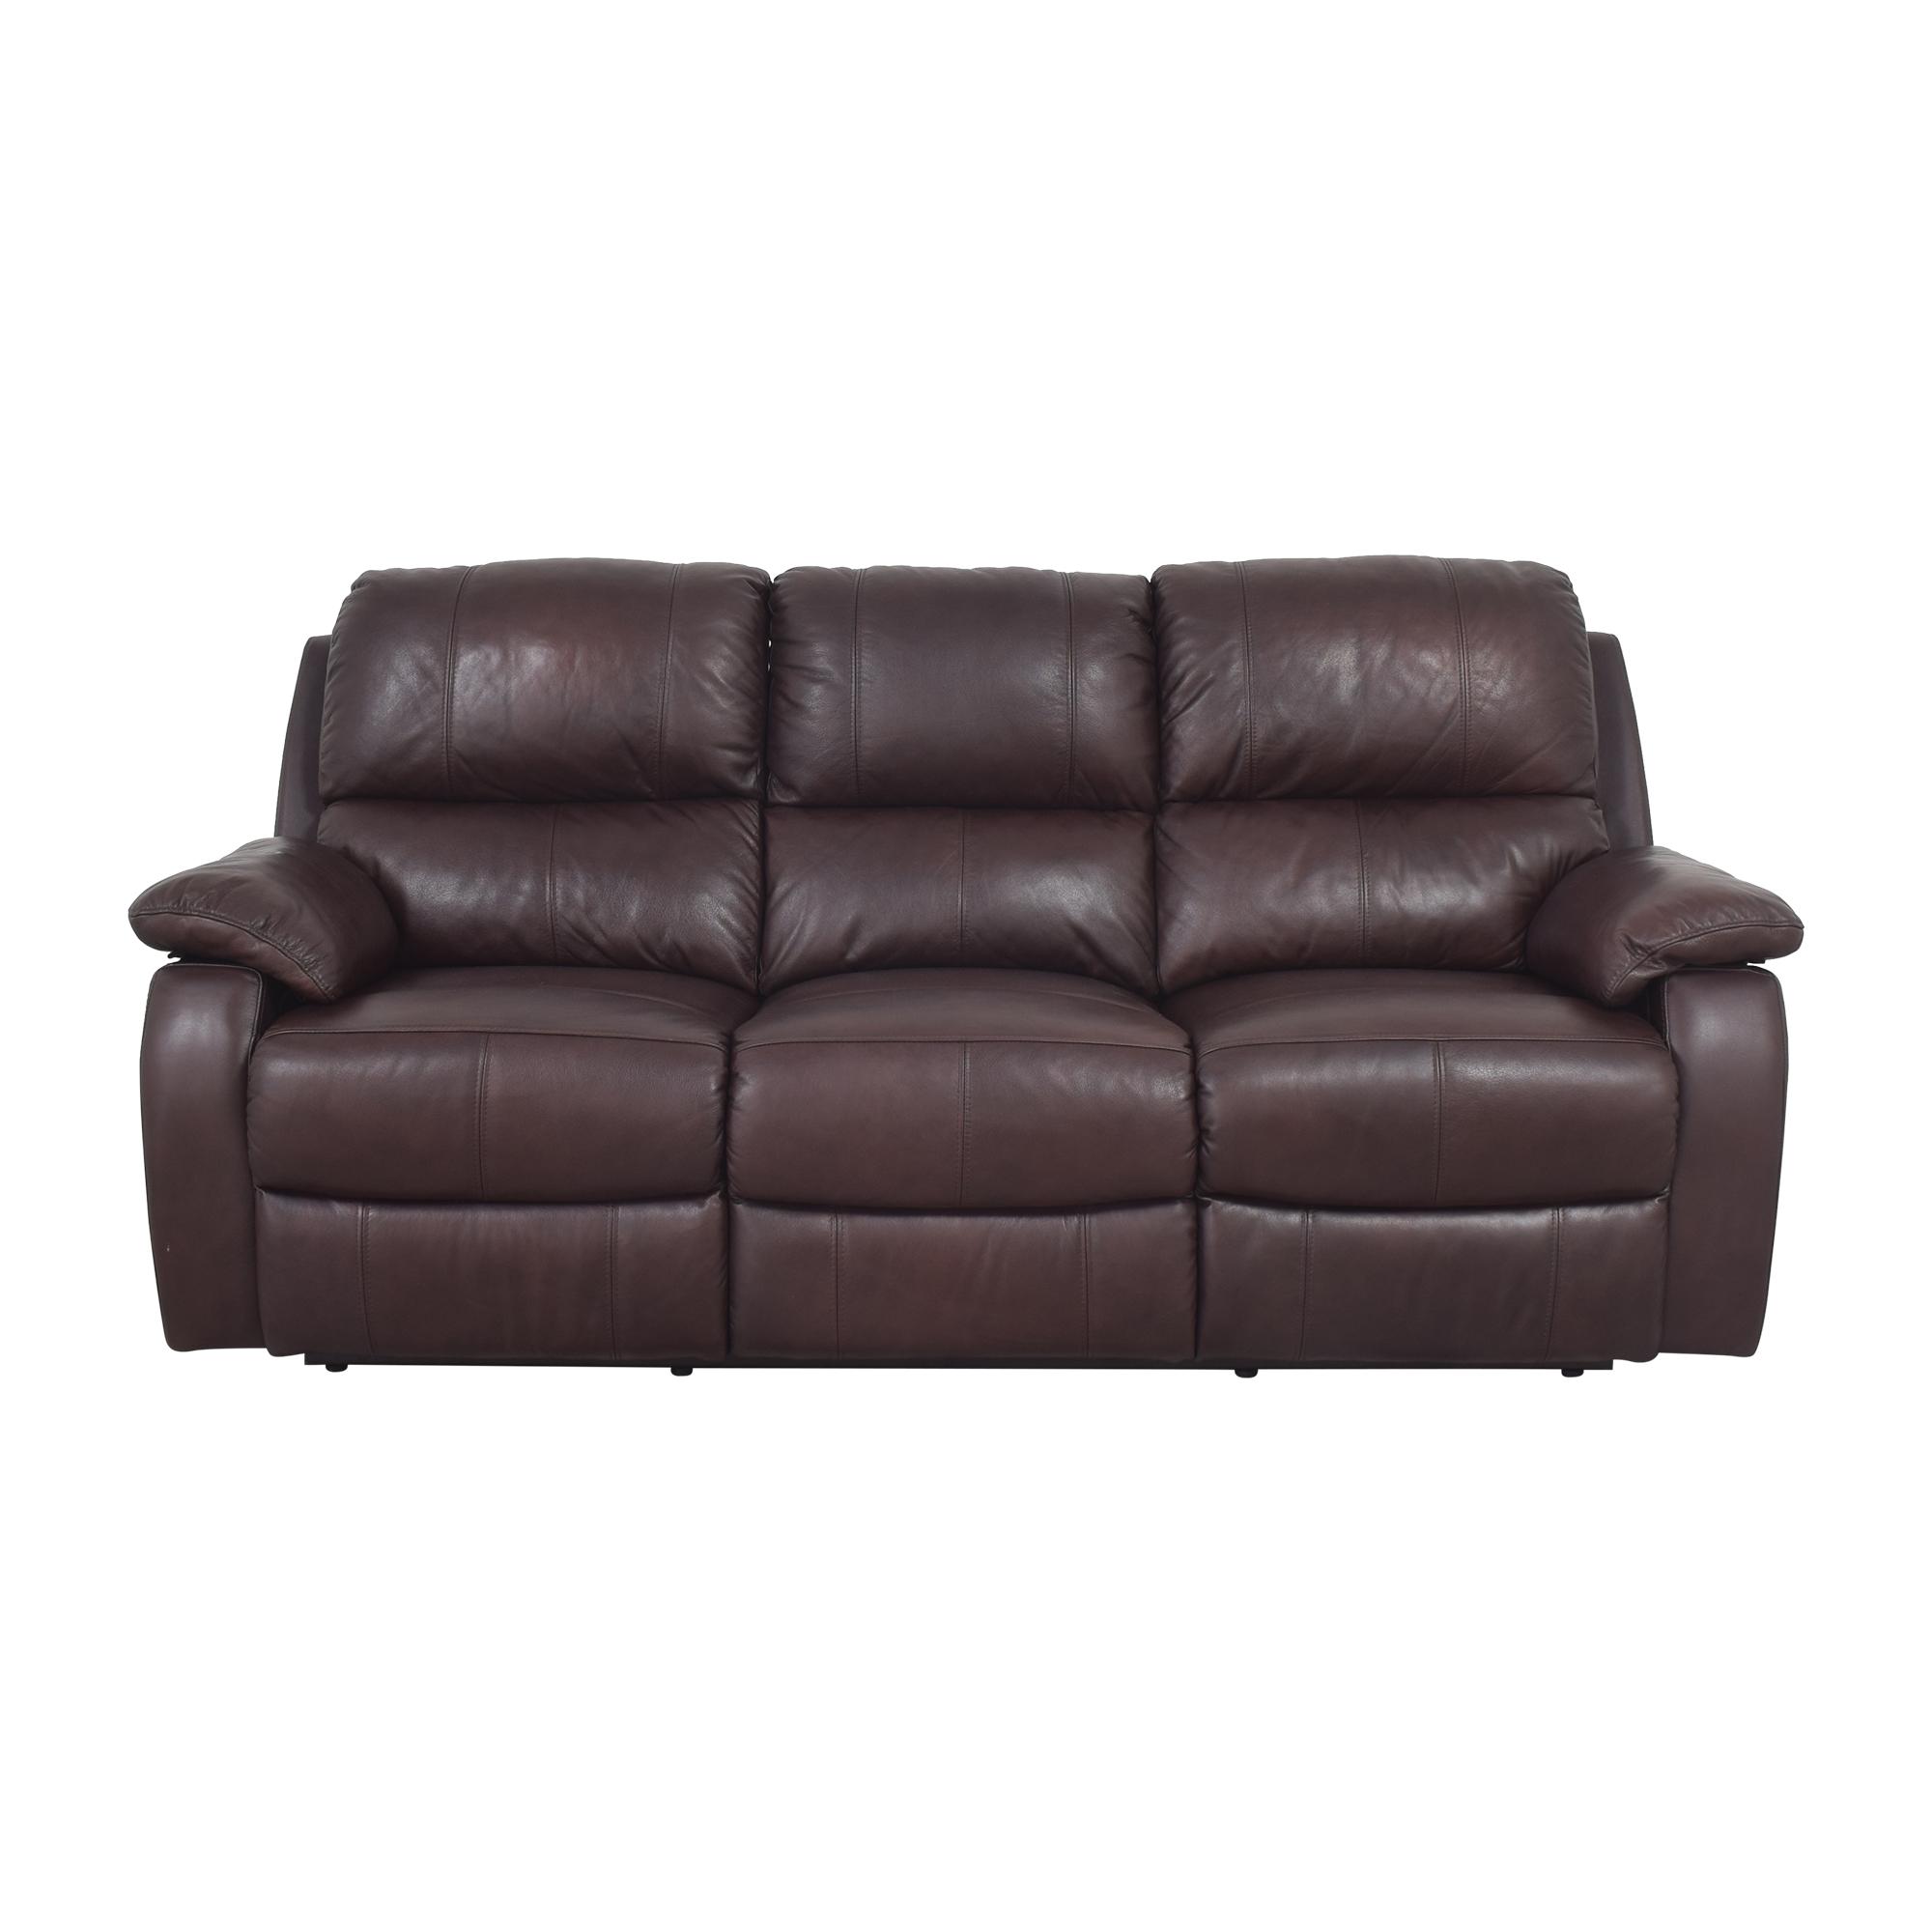 Acme Acme Reclining Sofa nyc